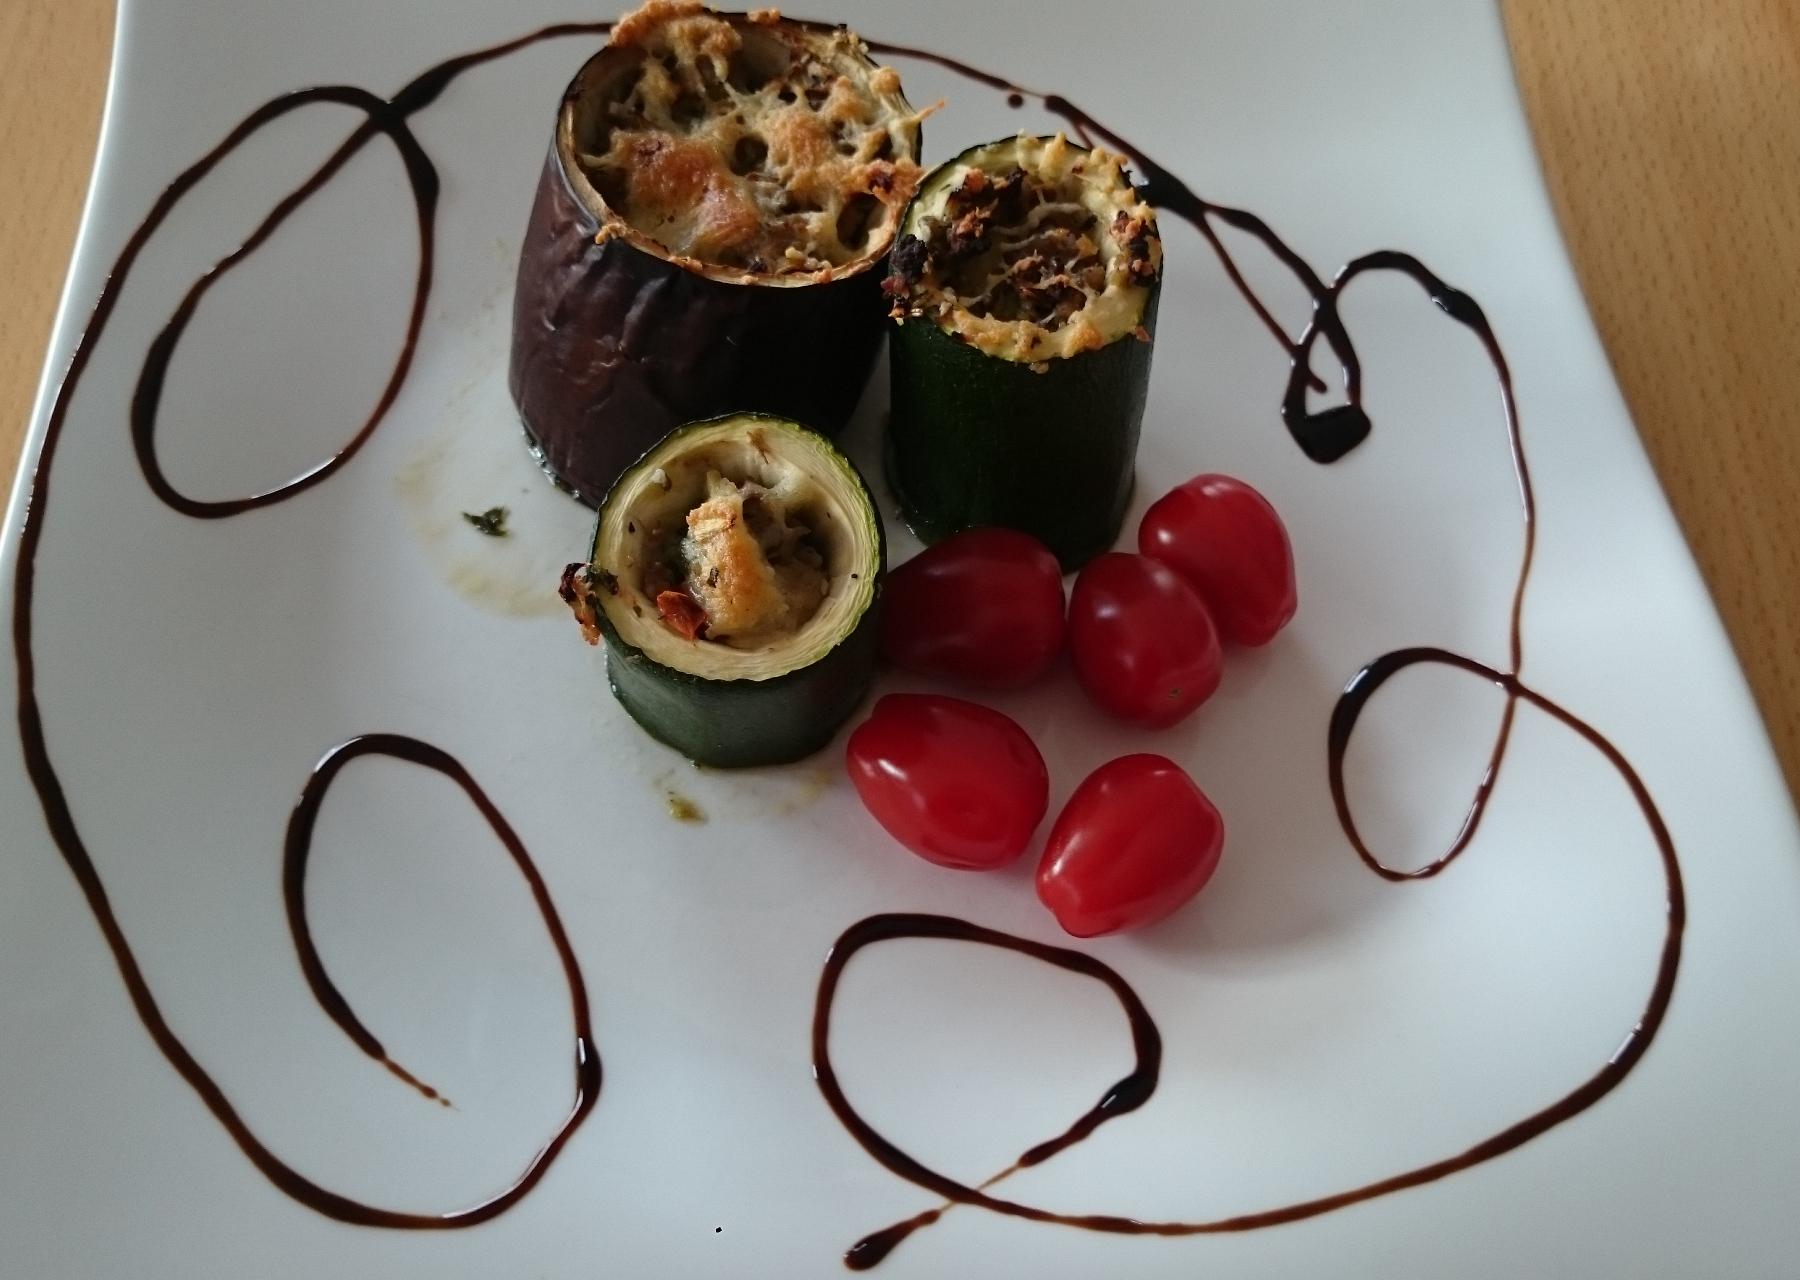 Tierisch gefülltes Gemüse (geht natürlich auch vegetarisch)